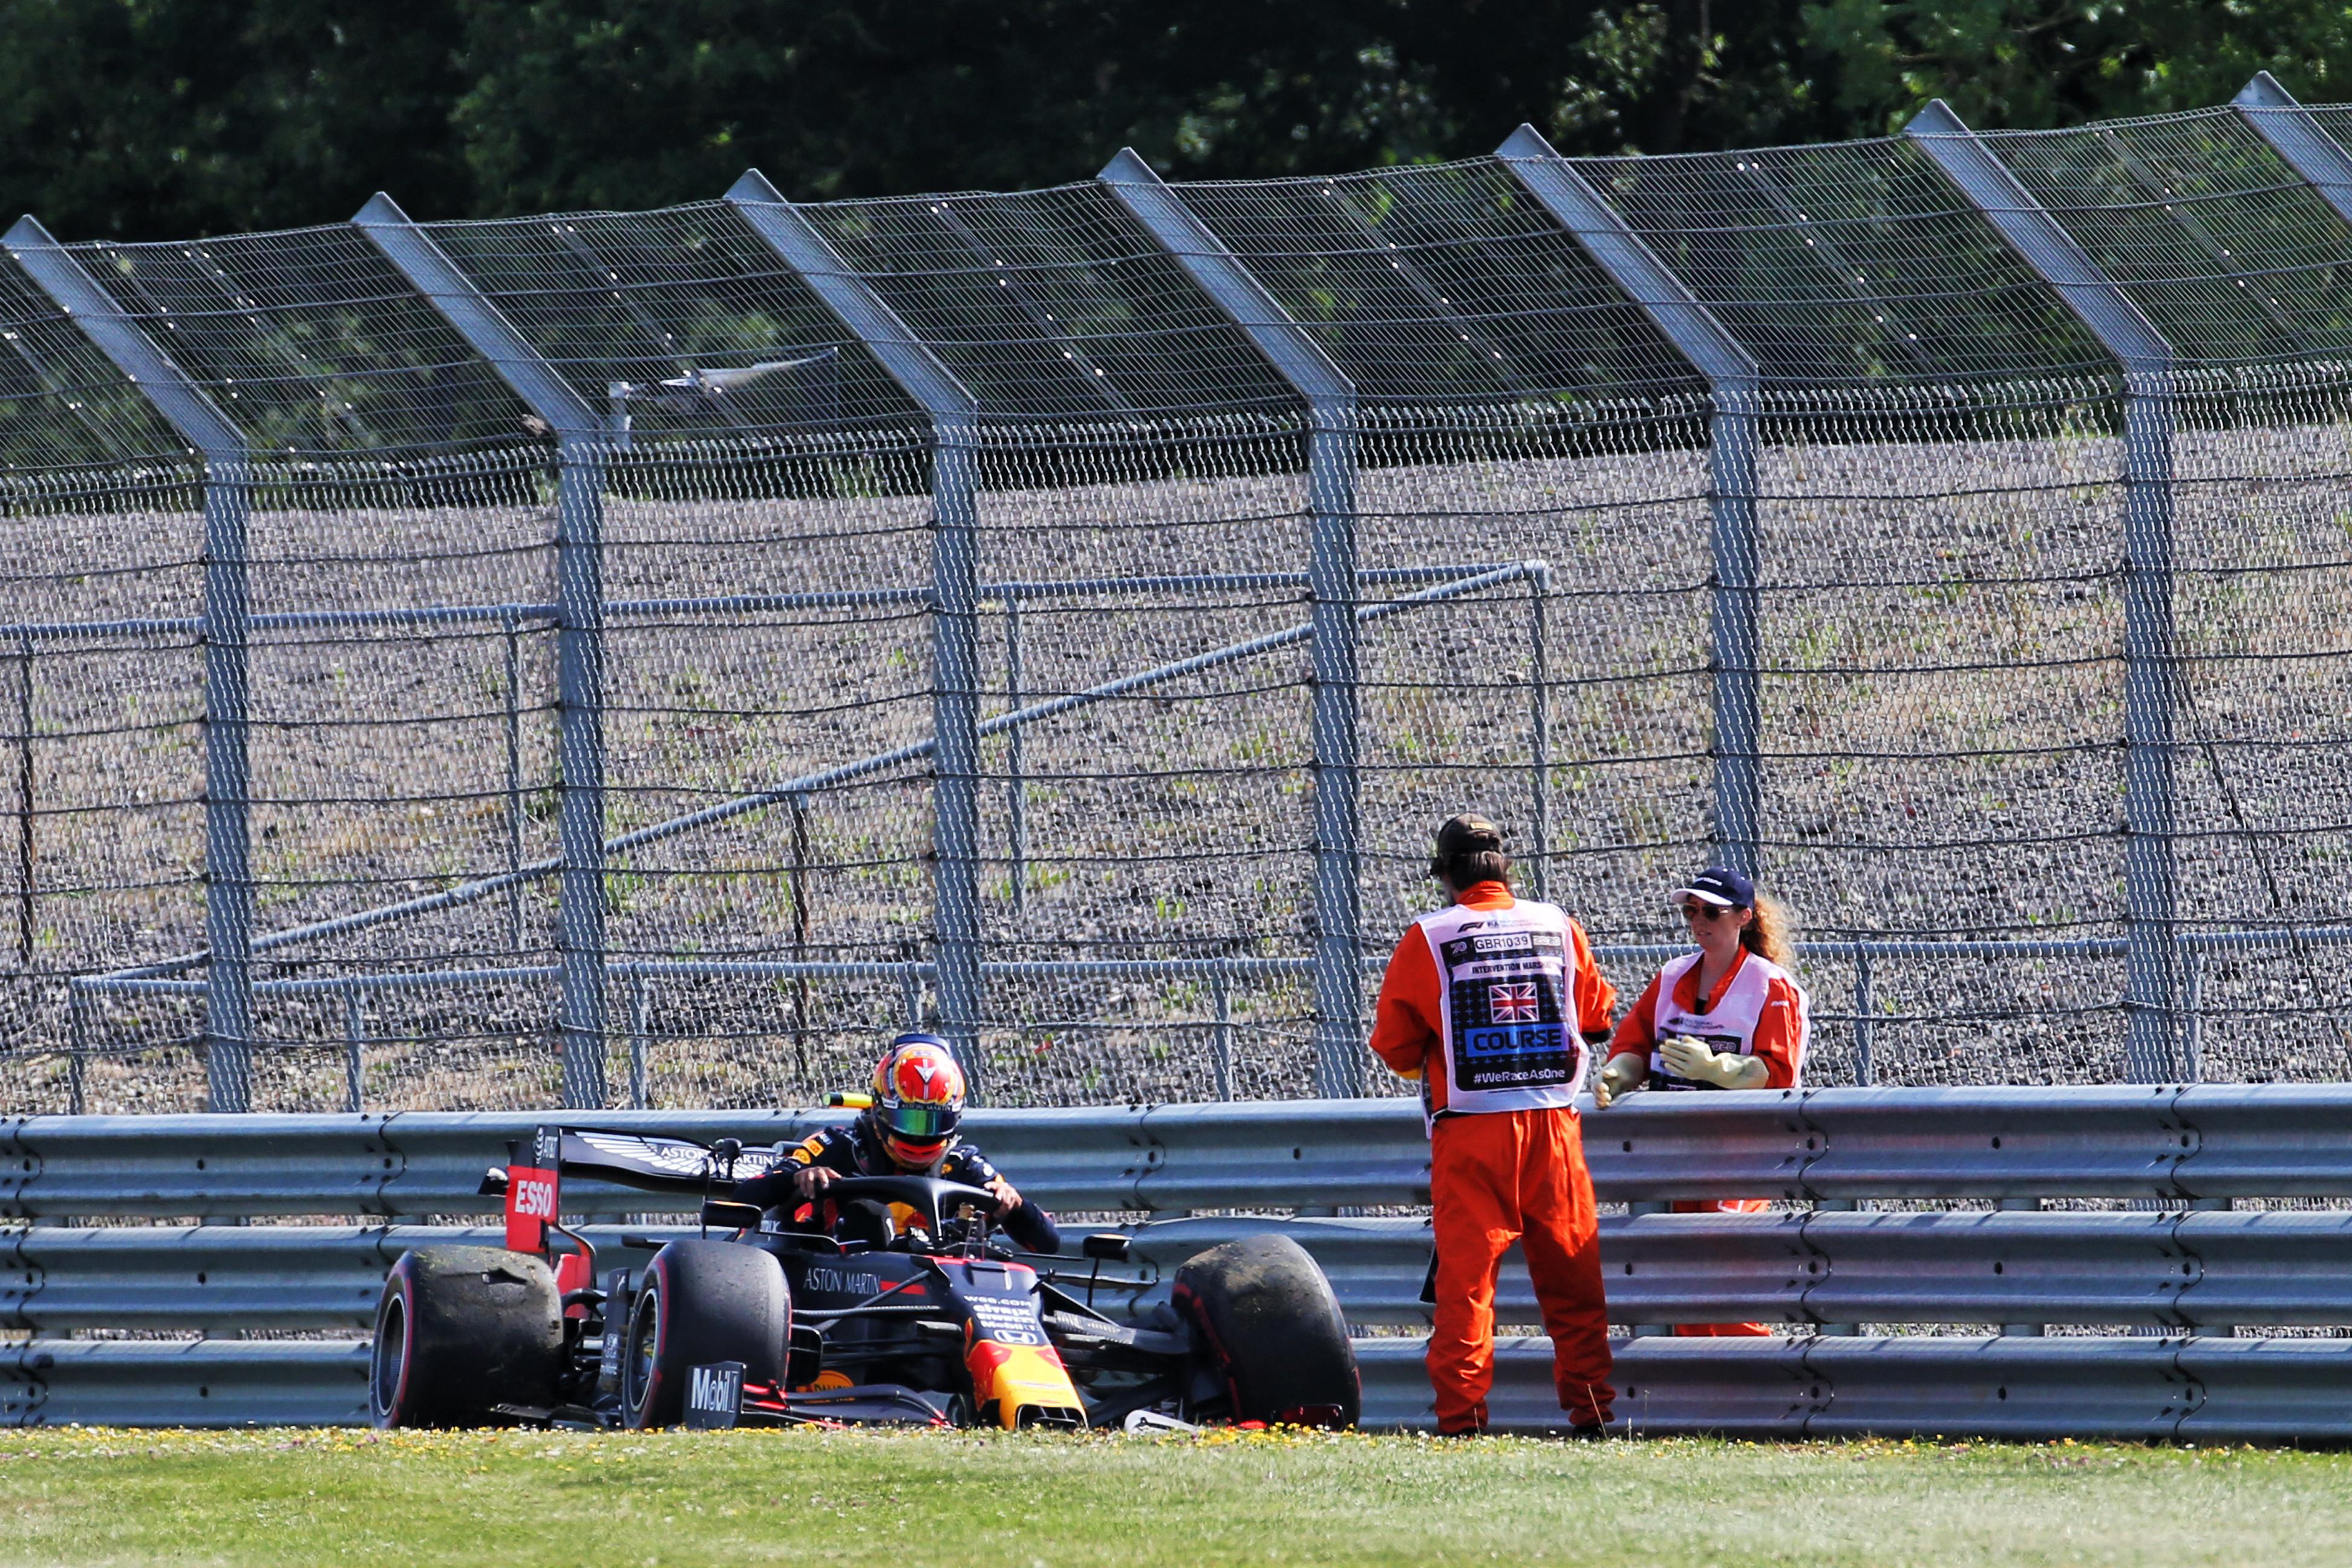 Alex Albon crash British Grand Prix practice 2020